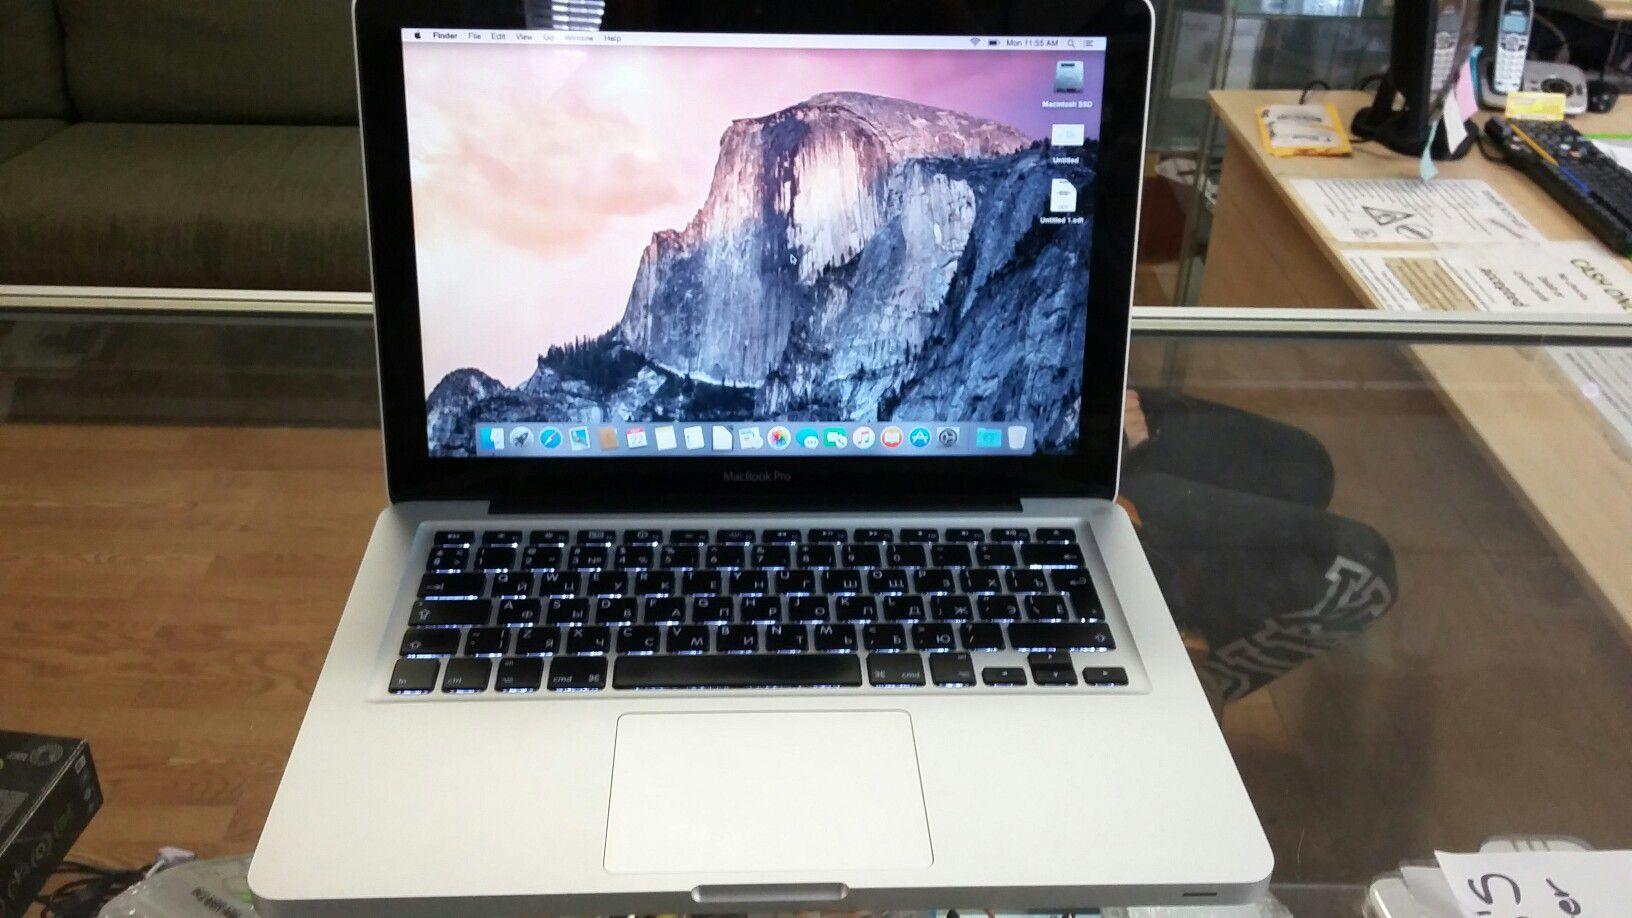 2009 Macbook Pro mid 2009 13 inch 2.26GHZ w/ Russian keyboard